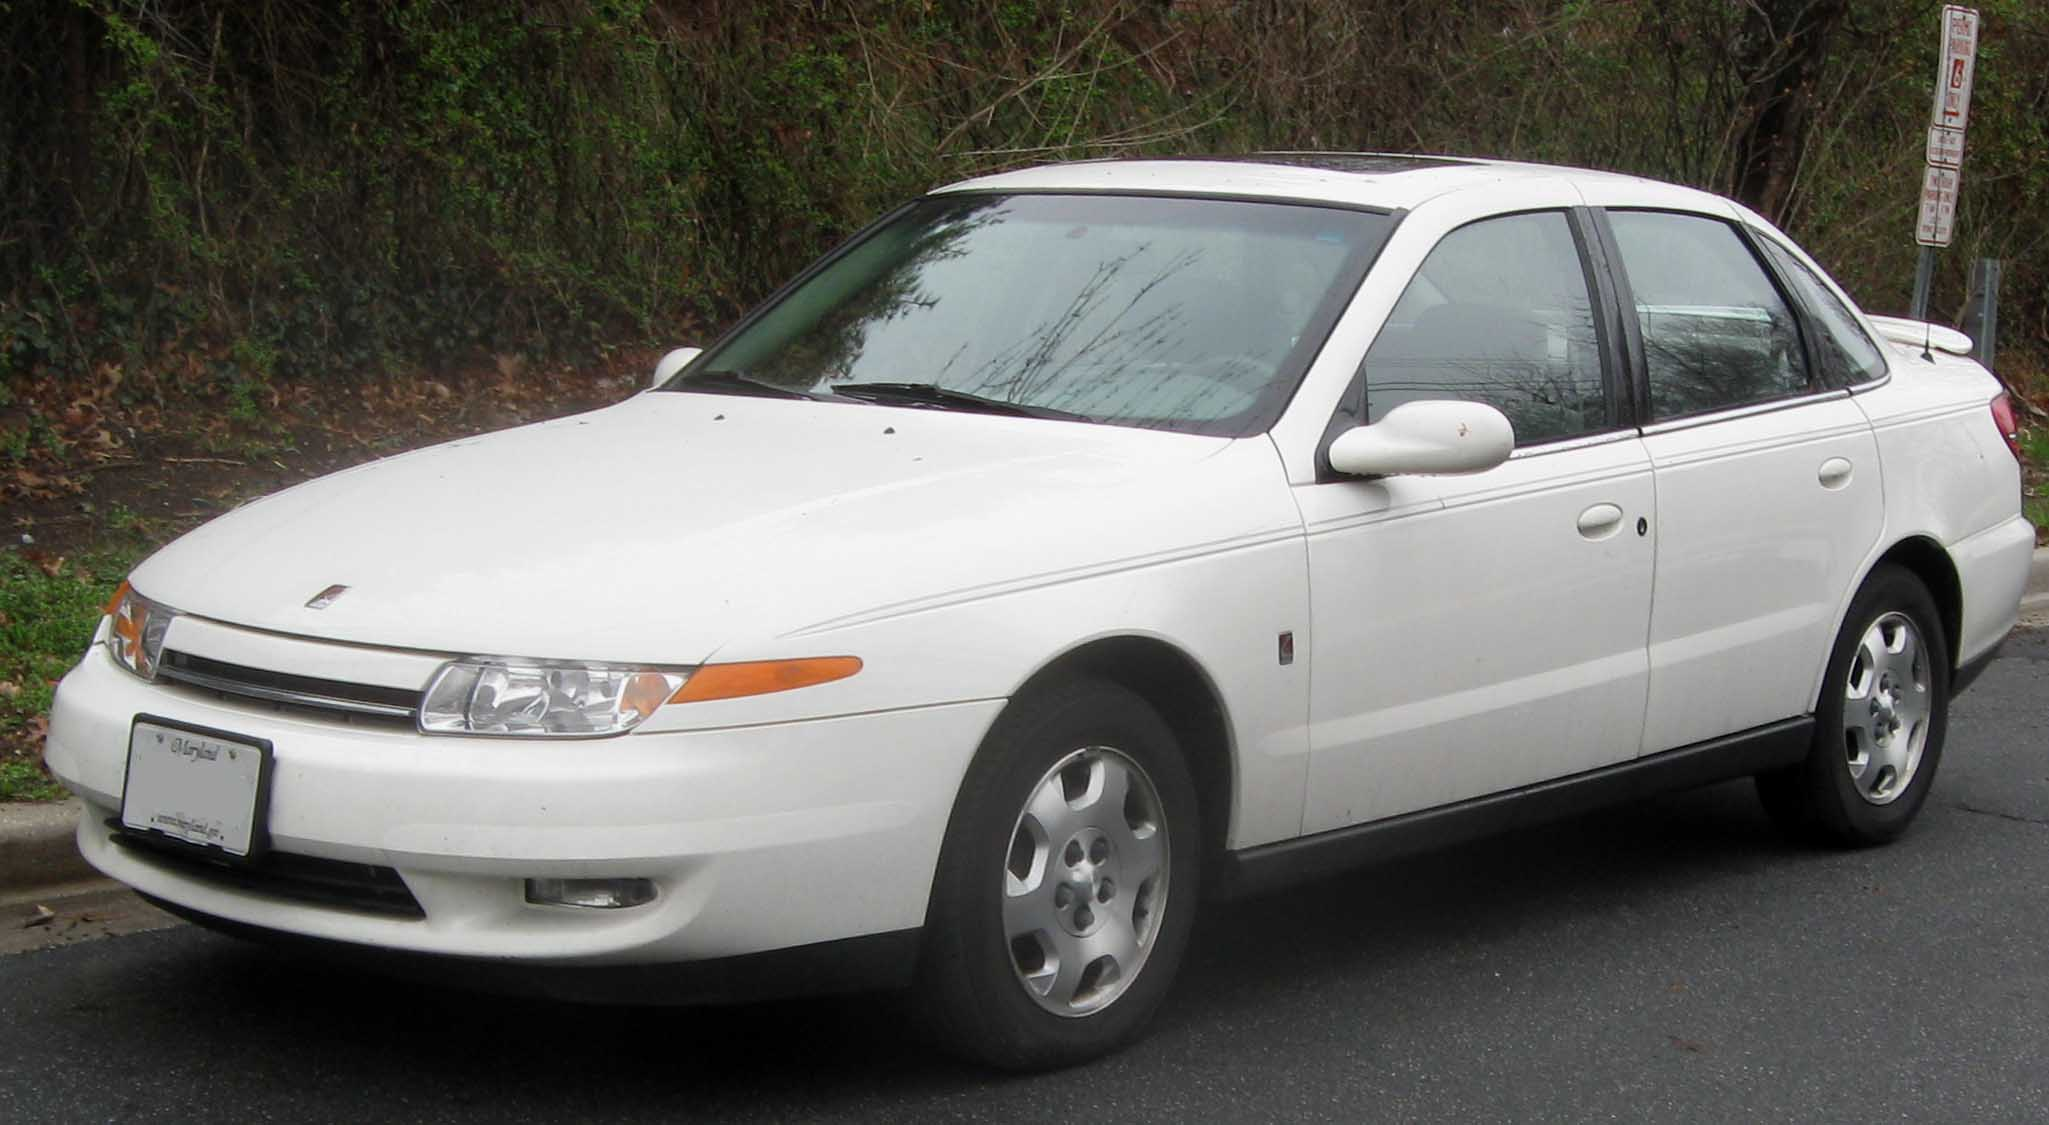 2001 Satern L-Series 4 Dr L200 Sedan Insurance $100 Per Month